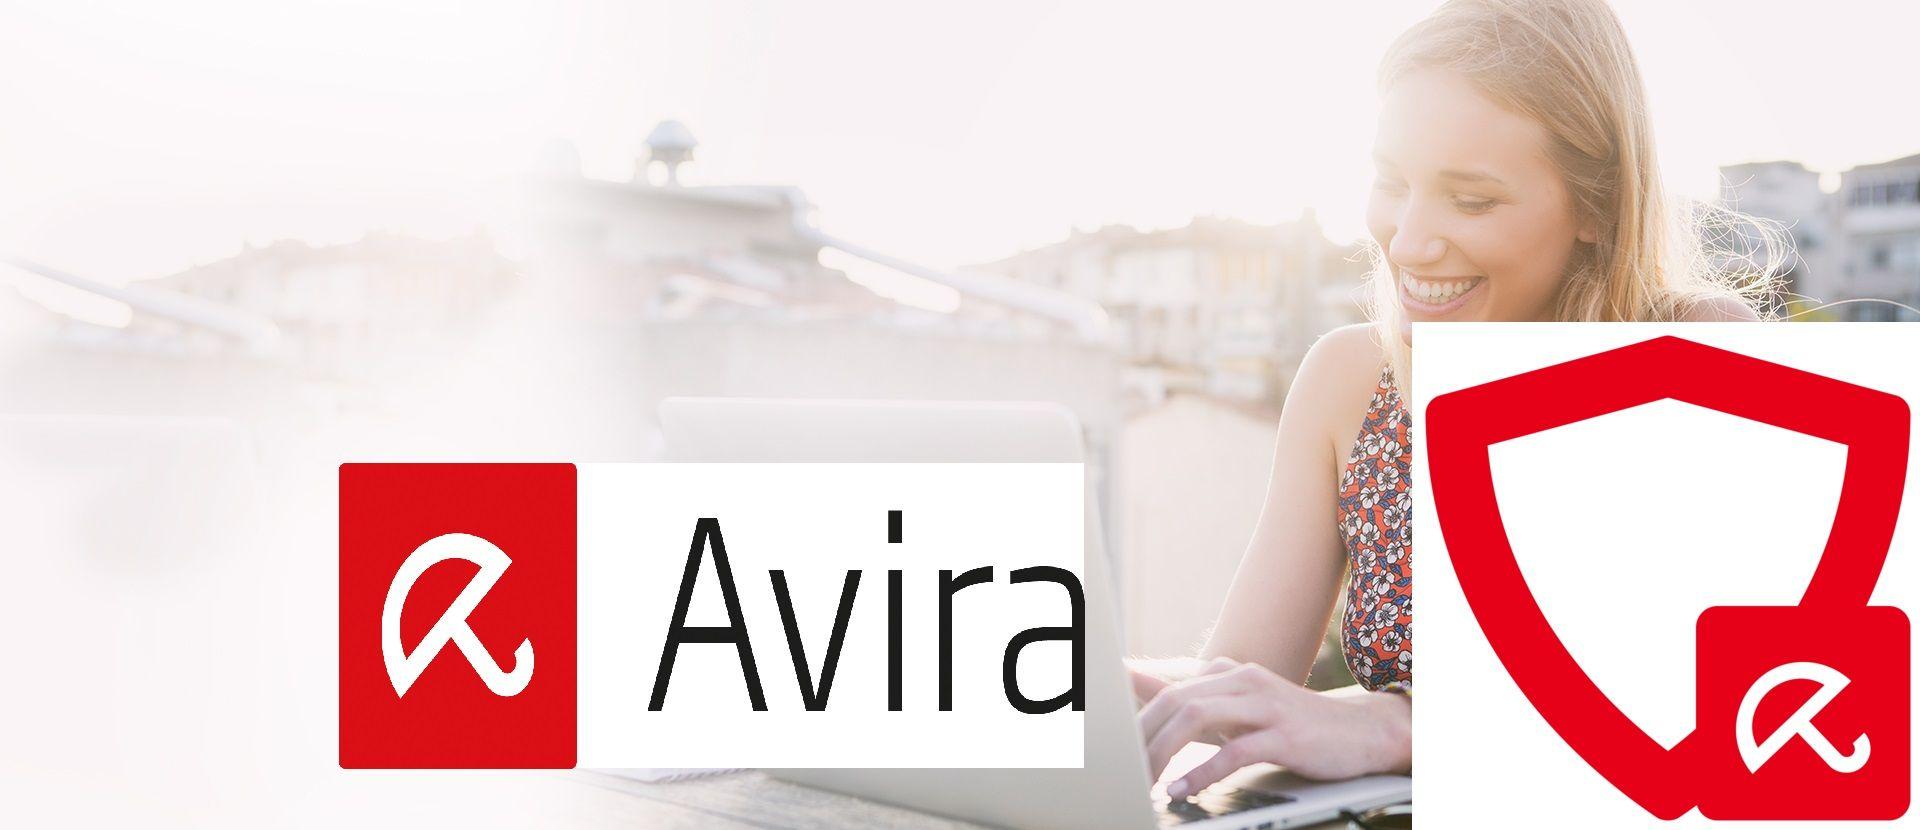 Avira Antivirus +1-877-929-3373 | AVIRA Antivirus Tech